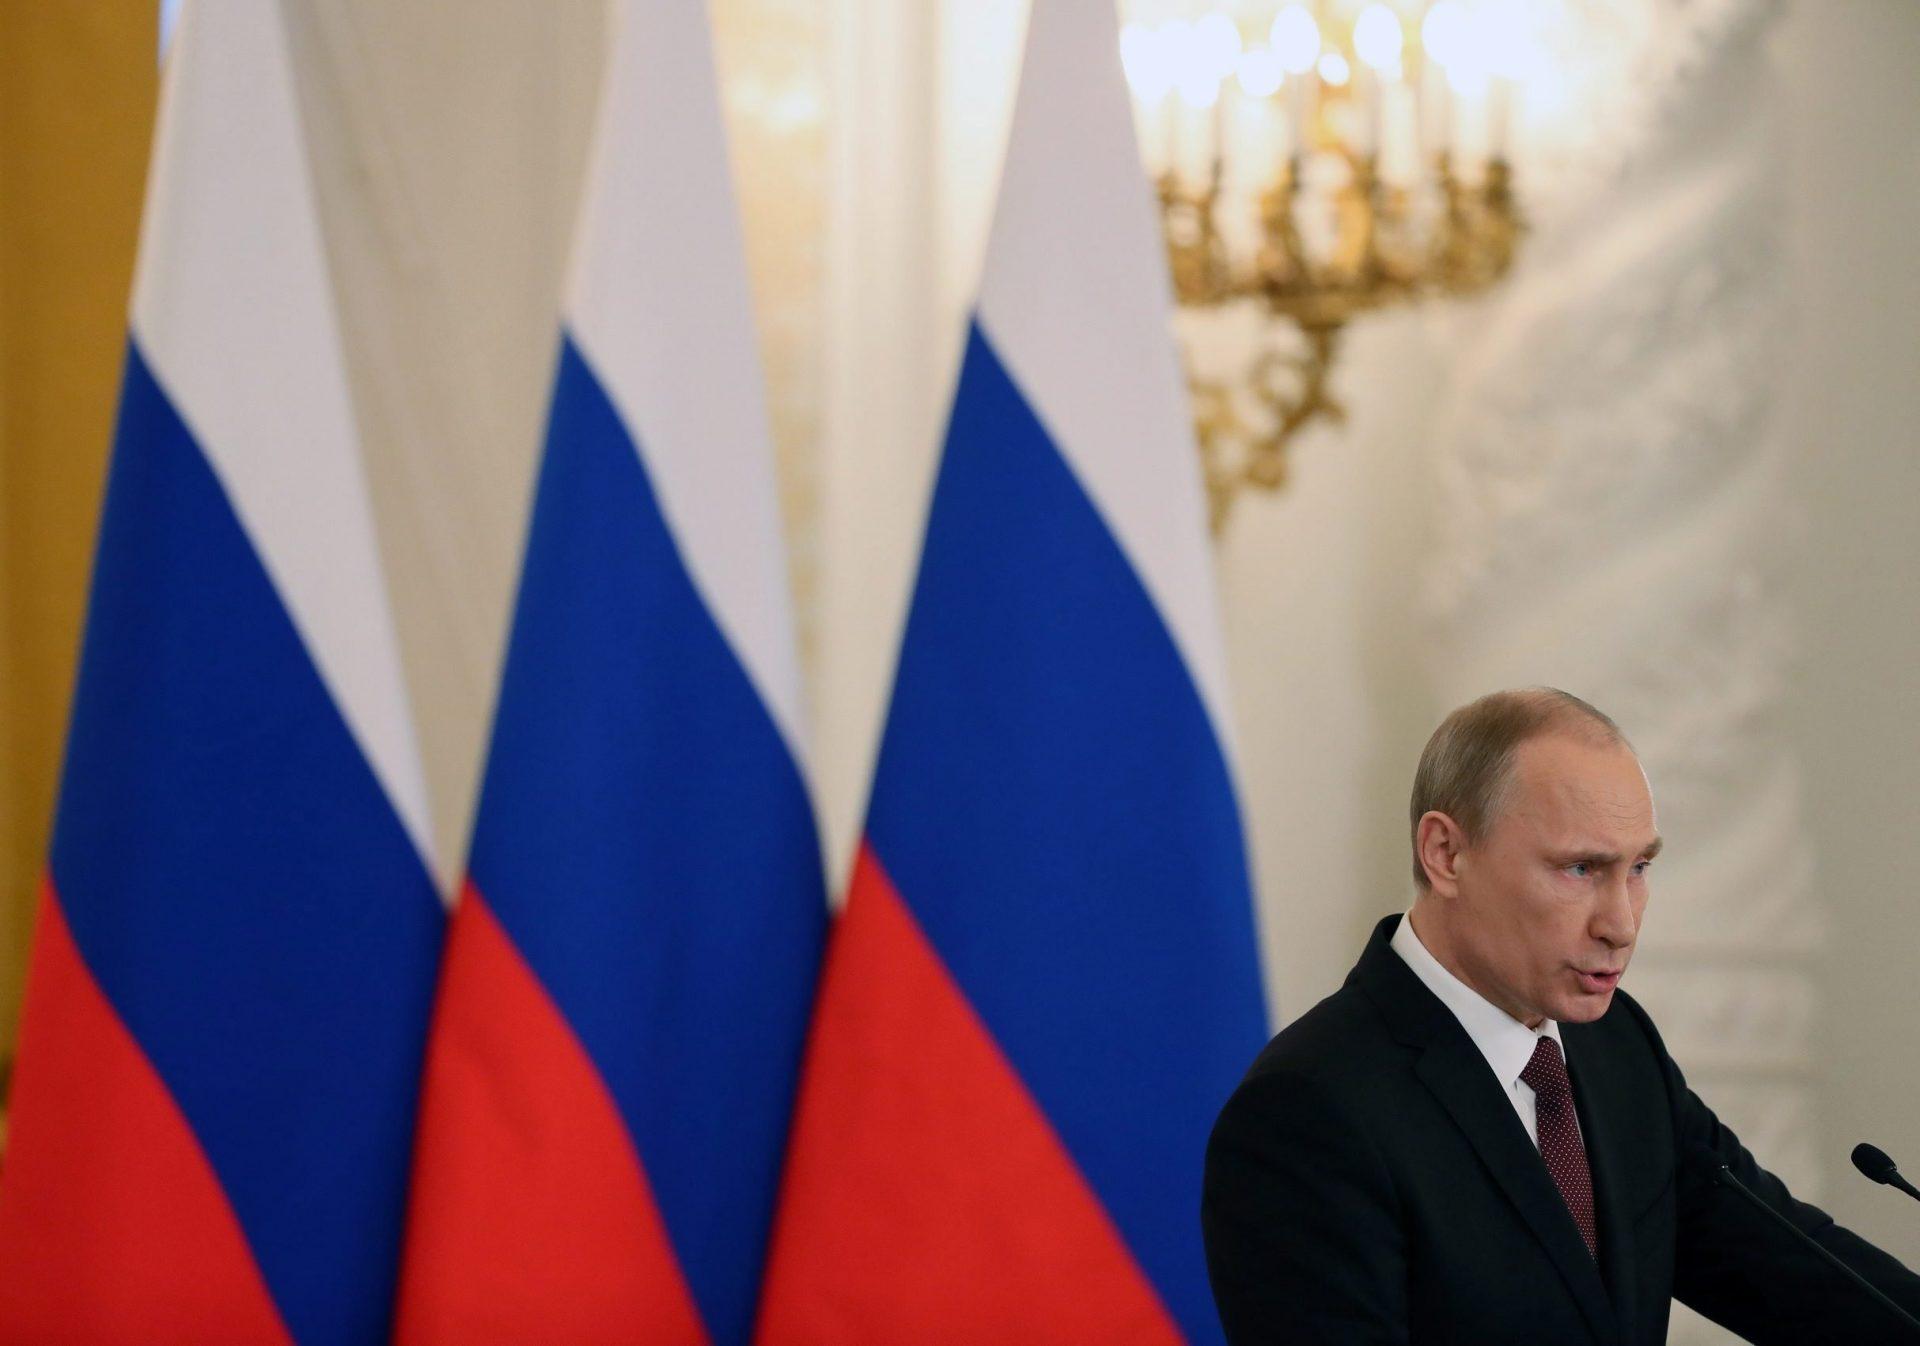 Editiadedimineata: Putin îl felicită pe Biden și este pregătit de colaborări. Care este mesajul liderului de la Kremlin către președintele ales american